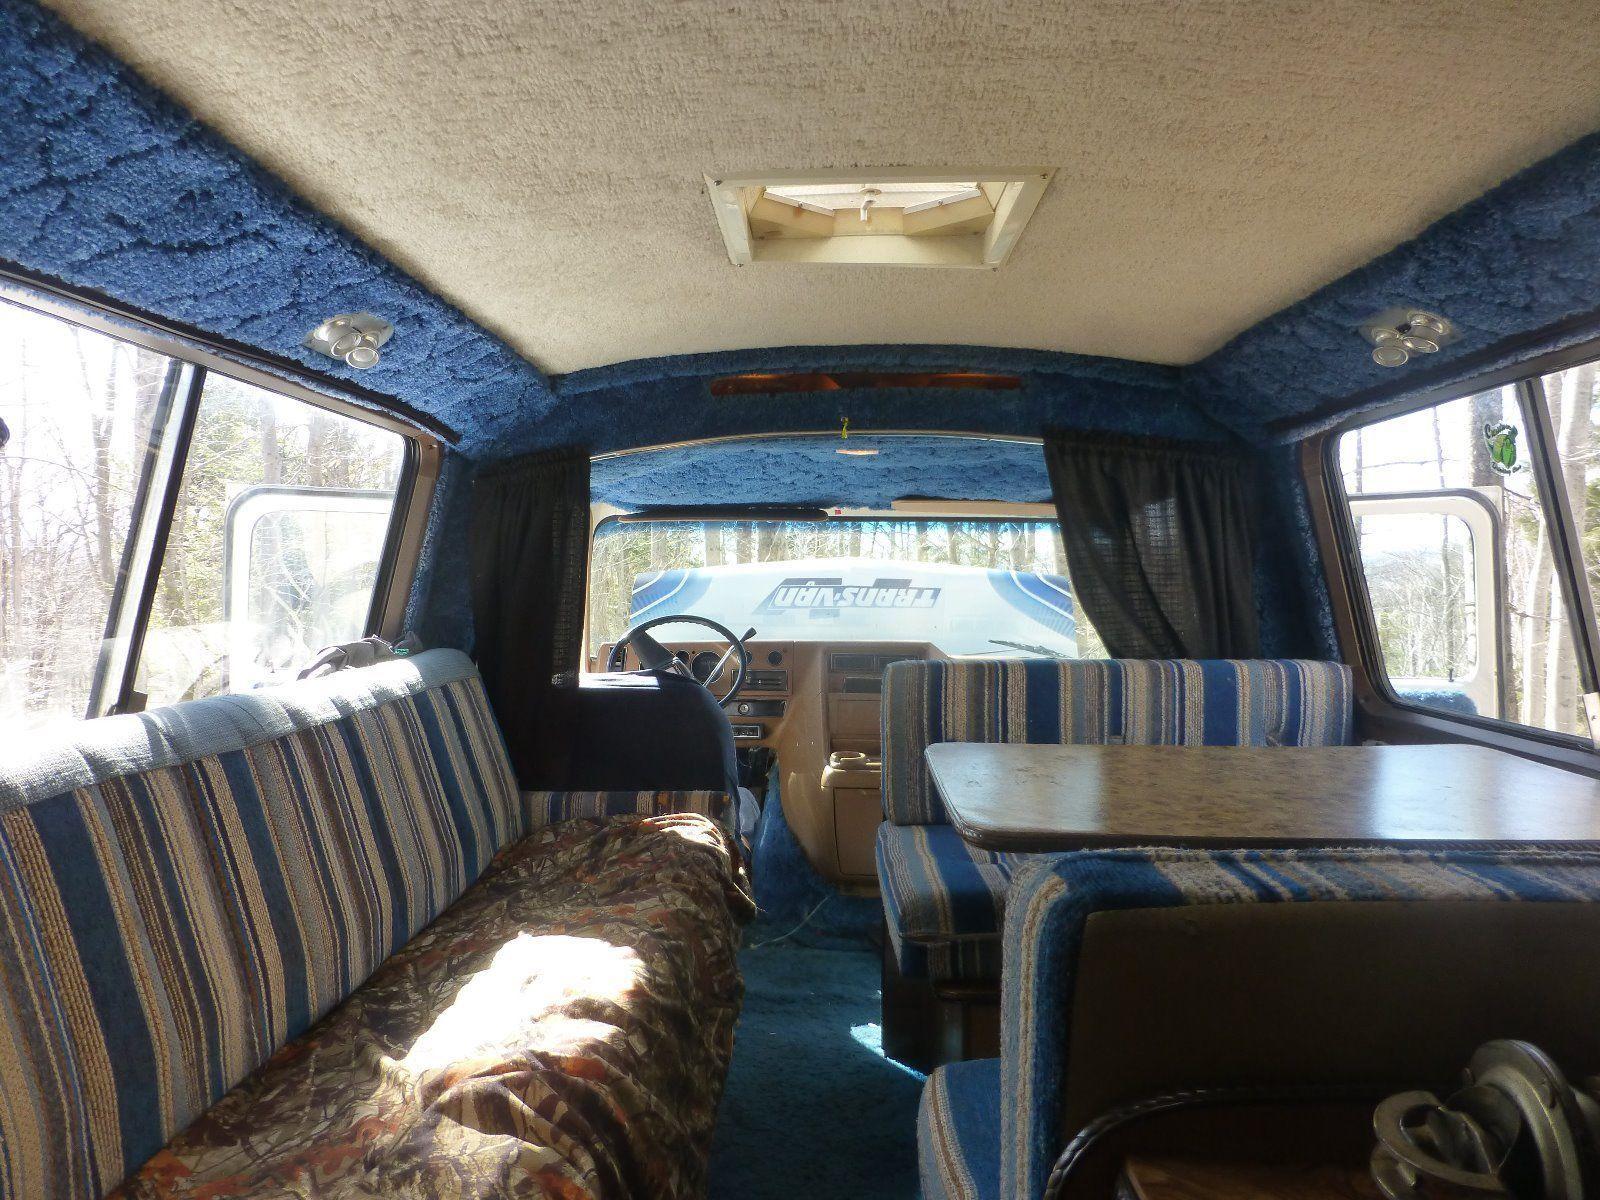 1979 Chevy Trans Van vintage camper van